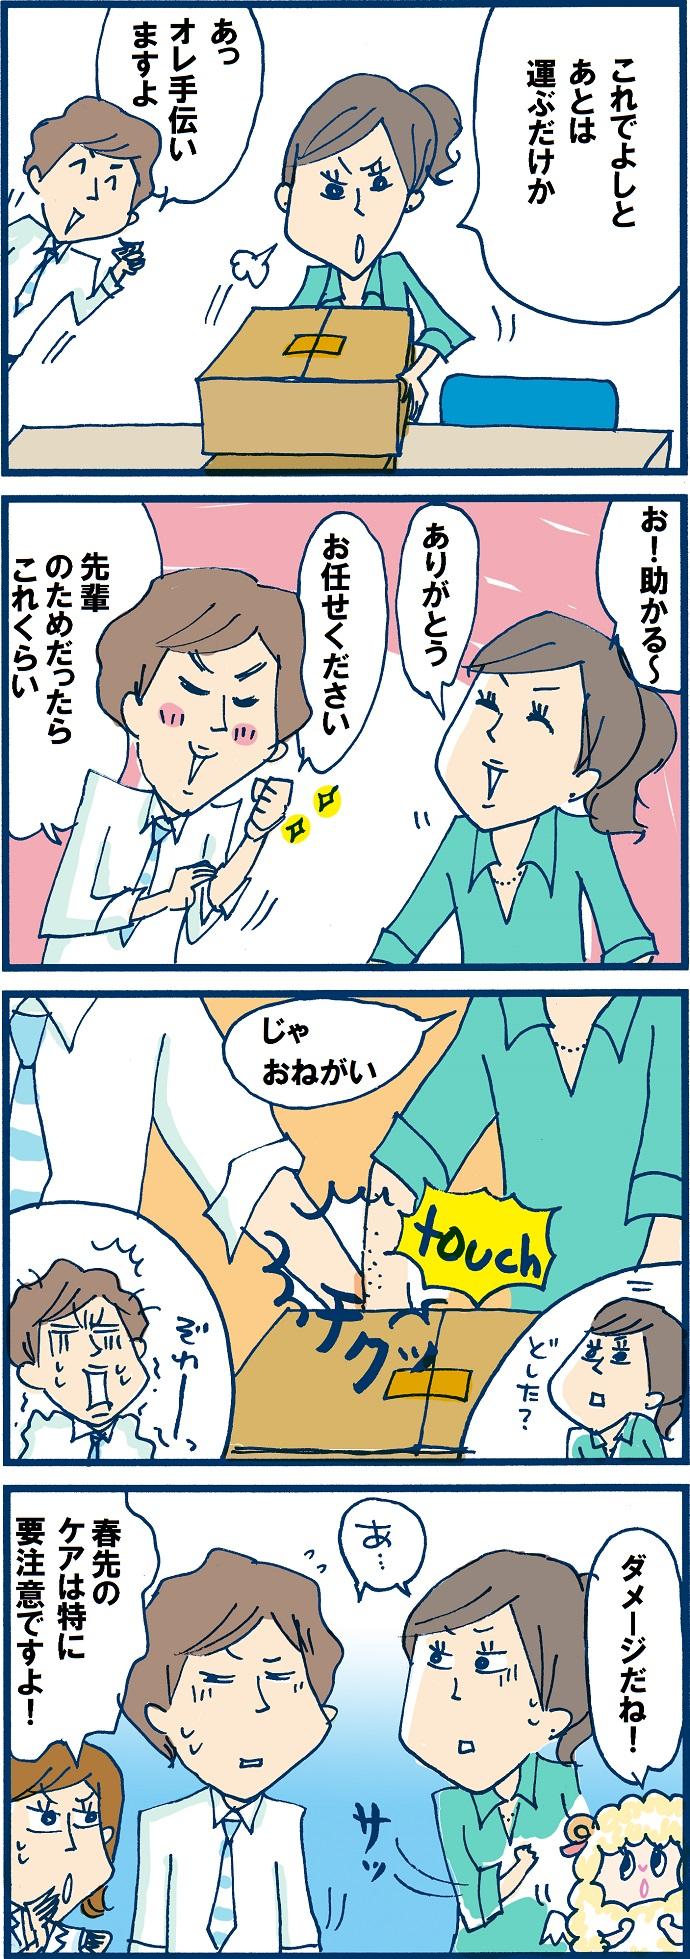 【Vol.12】春の引っ越しは要注意!?オフィスでの惨劇…。